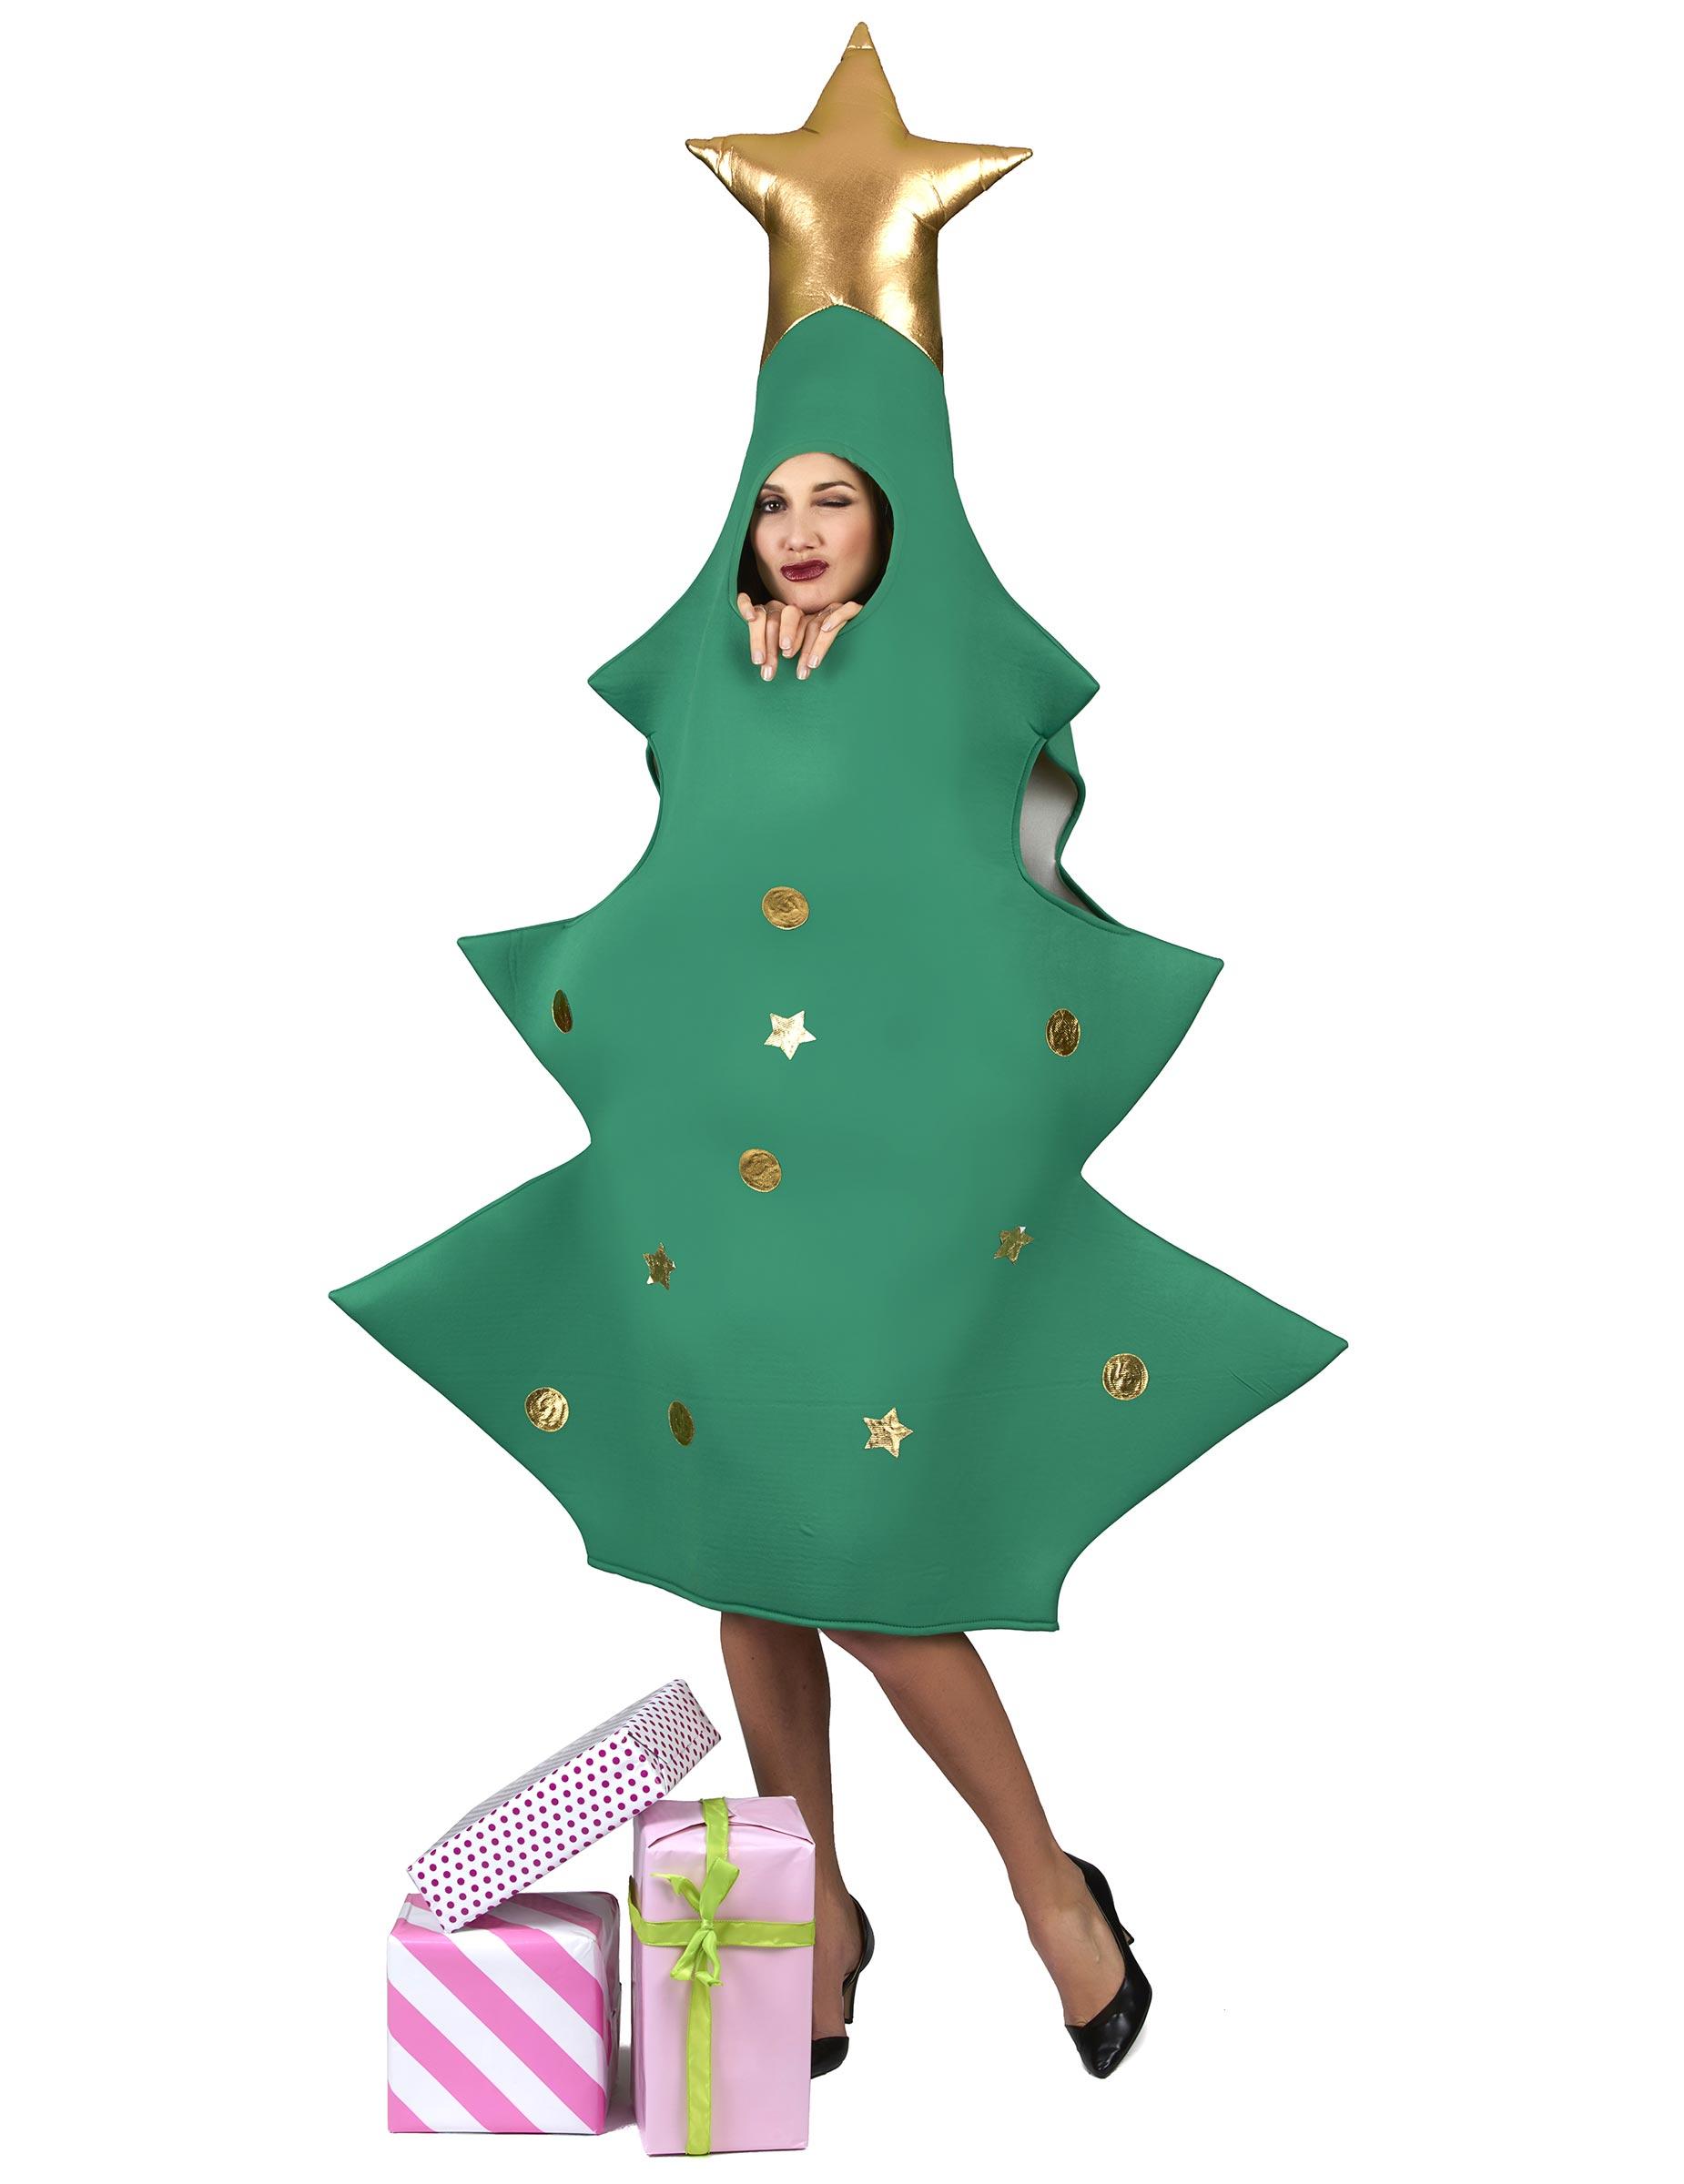 0ae5fbd993 Travestimento albero di Natale 3D per adulto su VegaooParty, negozio ...